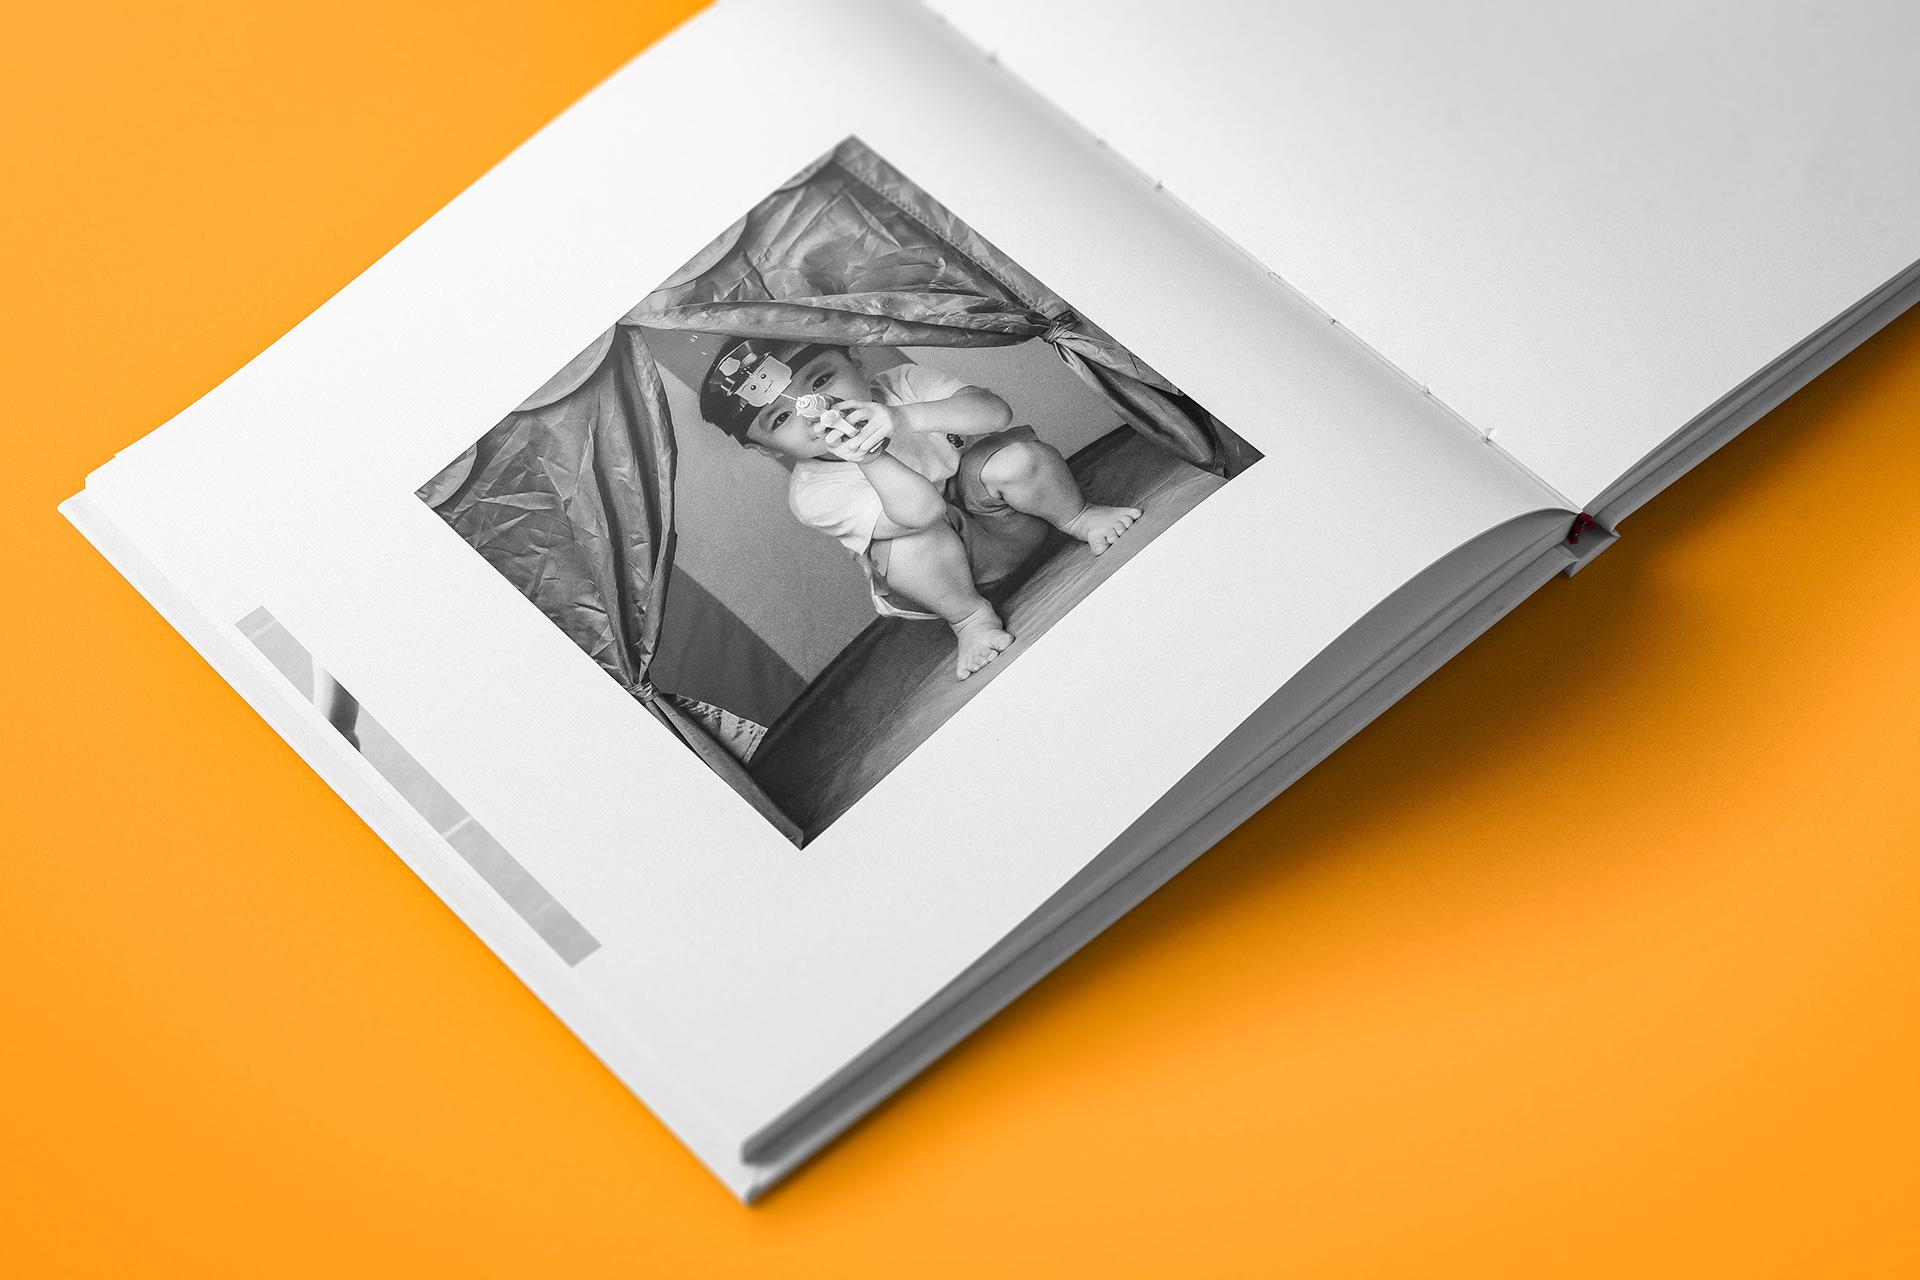 Design Studi- Online, Design Studio Online, DS-O, DSO, dsovn, design studio, studio online, design, studio, dịch vụ thiết kế đồ họa chuyên nghiệp, dịch vụ graphic design, dịch vụ design, dịch vụ tư vấn định hướng hình ảnh chuyên nghiệp, dịch vụ thiết kế photobook, dịch vụ thiết kế dàn trang, dịch vụ thiết kế editorial, dịch vụ thiết kế tạp chí, dịch vụ thiết kế magazine, dịch vụ thiết kế báo cáo thường niên, dịch vụ thiết kế annual reports, dịch vụ brand photography, dịch vụ chụp ảnh sản phẩm, dịch vụ chụp ảnh thương hiệu, dịch vụ digital imaging, dịch vụ retouching, dịch vụ chỉnh sửa hình ảnh, dịch vụ thiết kế photo manipulation, dịch vụ thiết kế photo manip.